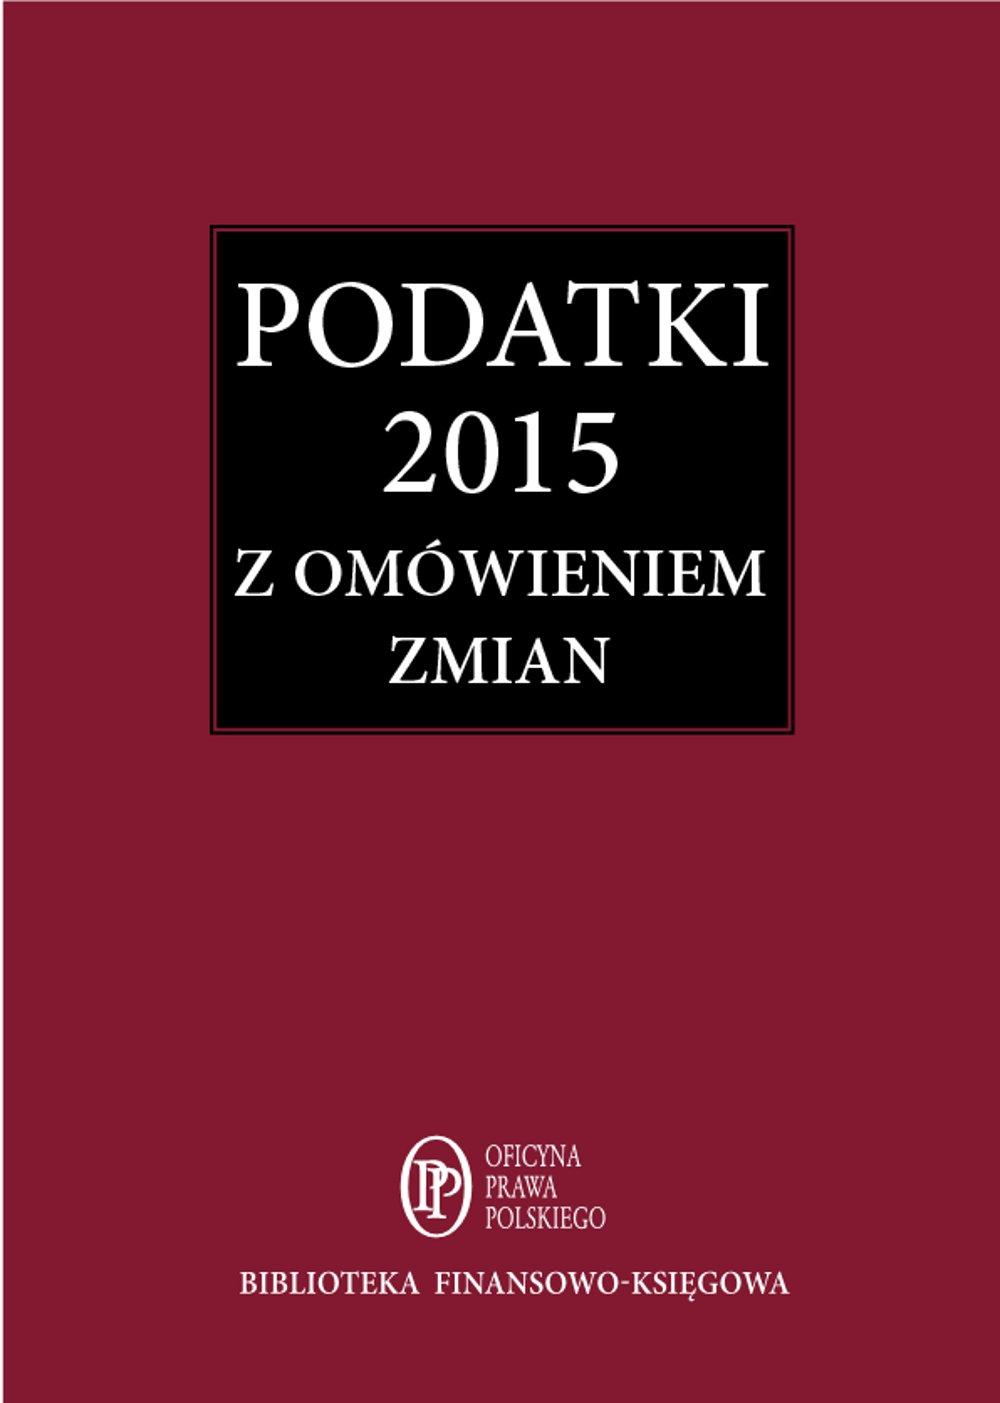 Podatki 2015. Zbiór przepisów z omówieniem zmian od 1 stycznia - Ebook (Książka na Kindle) do pobrania w formacie MOBI